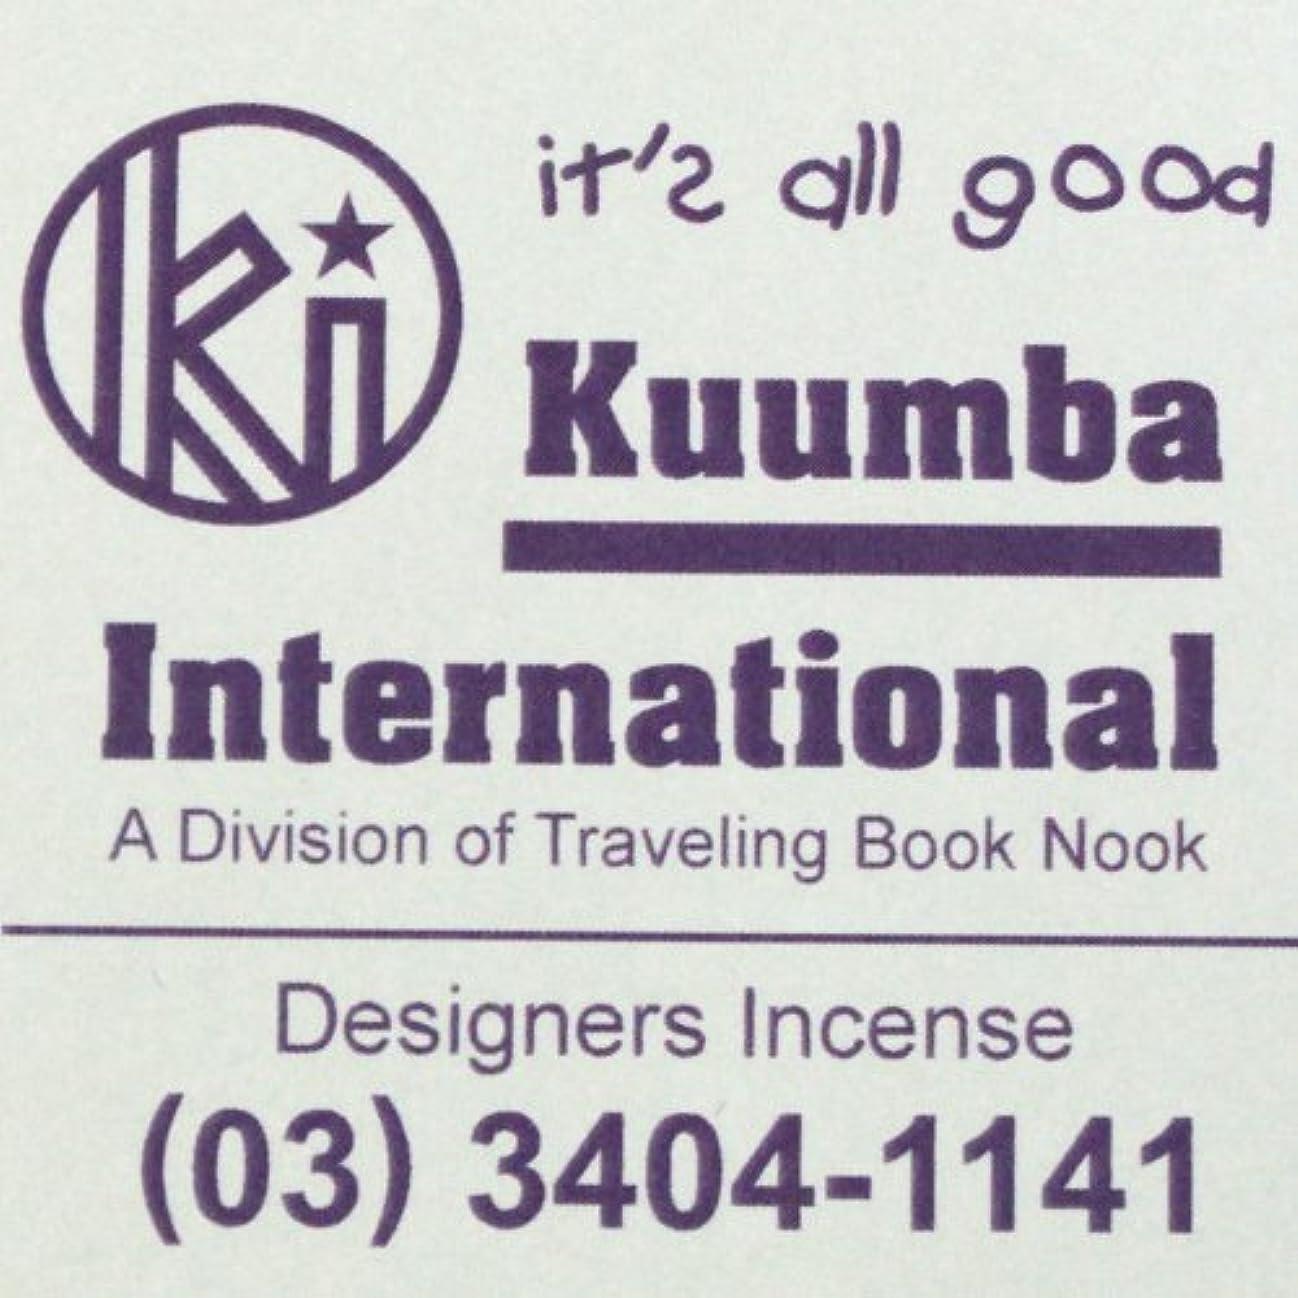 大気アクチュエータ宿KUUMBA (クンバ)『incense』(it's all good) (Regular size)